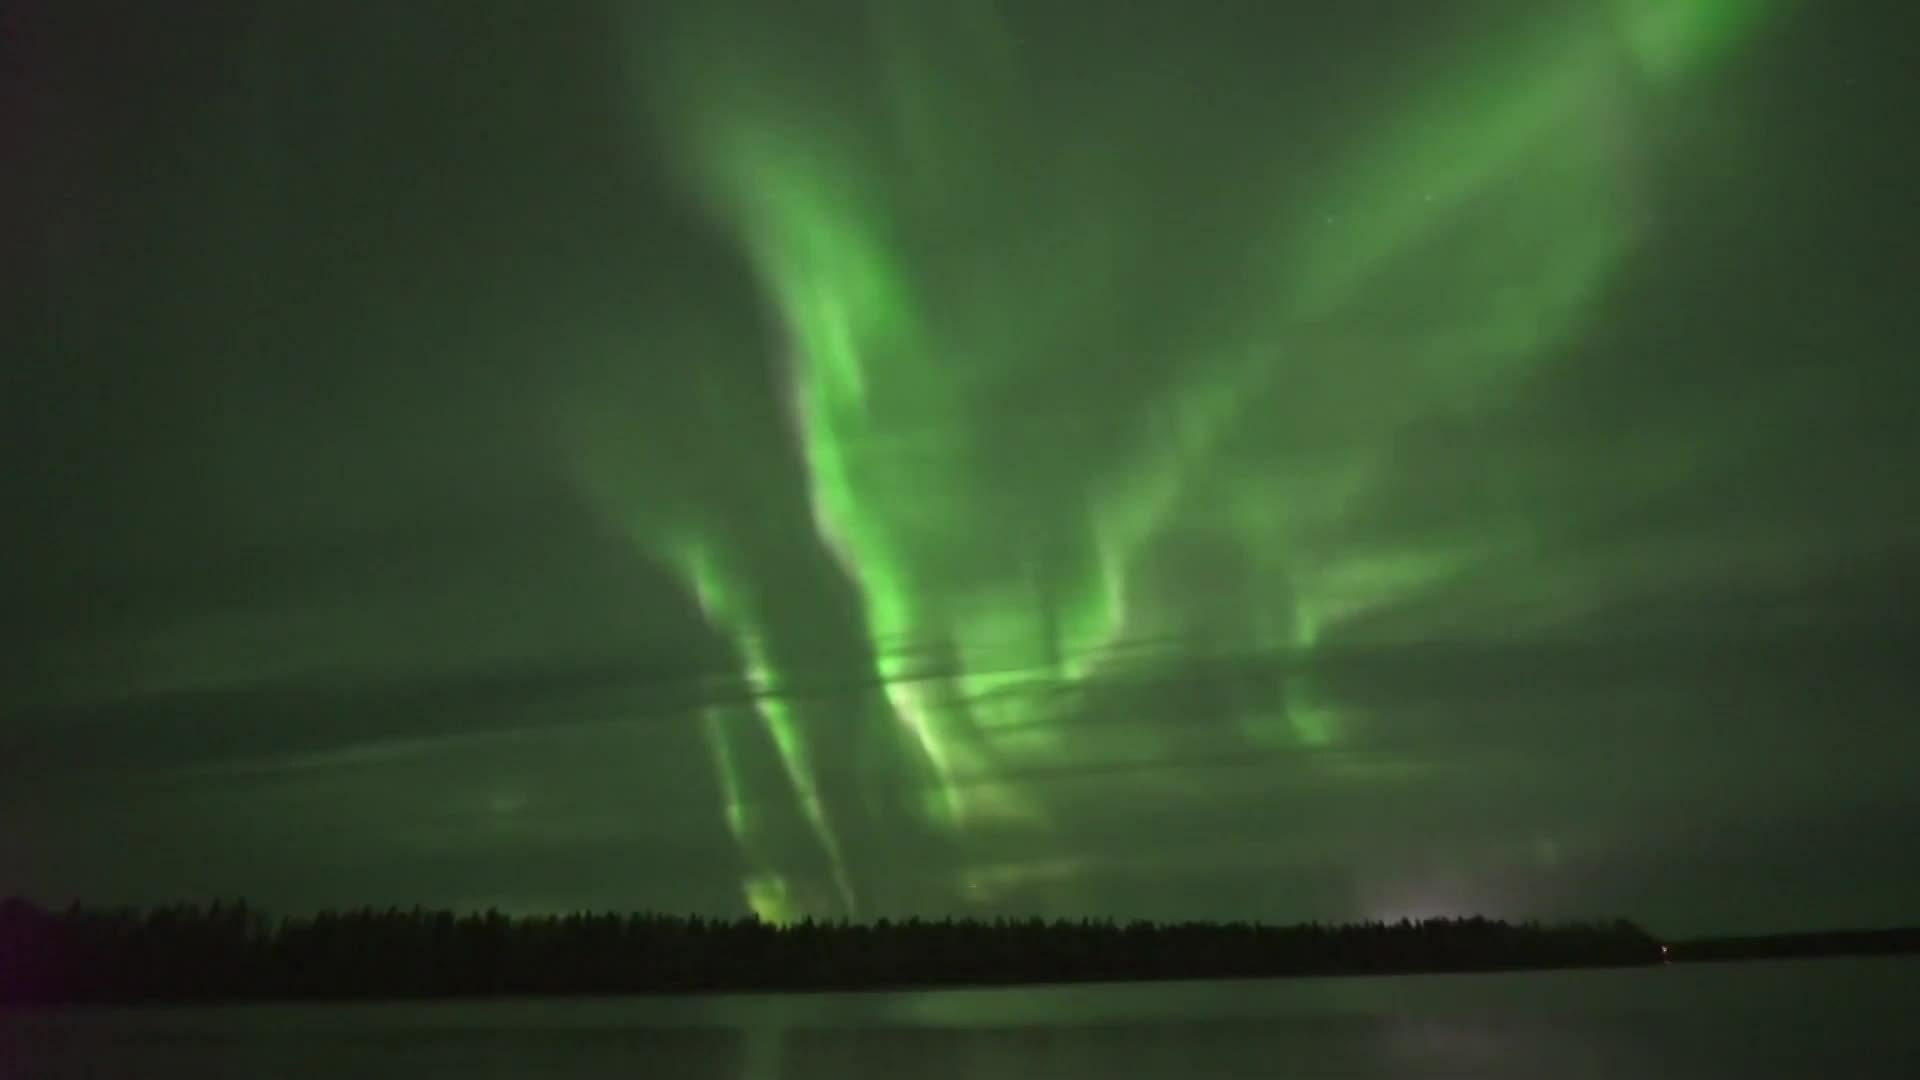 Cực quang kéo dài hàng giờ trên bầu trời đêm